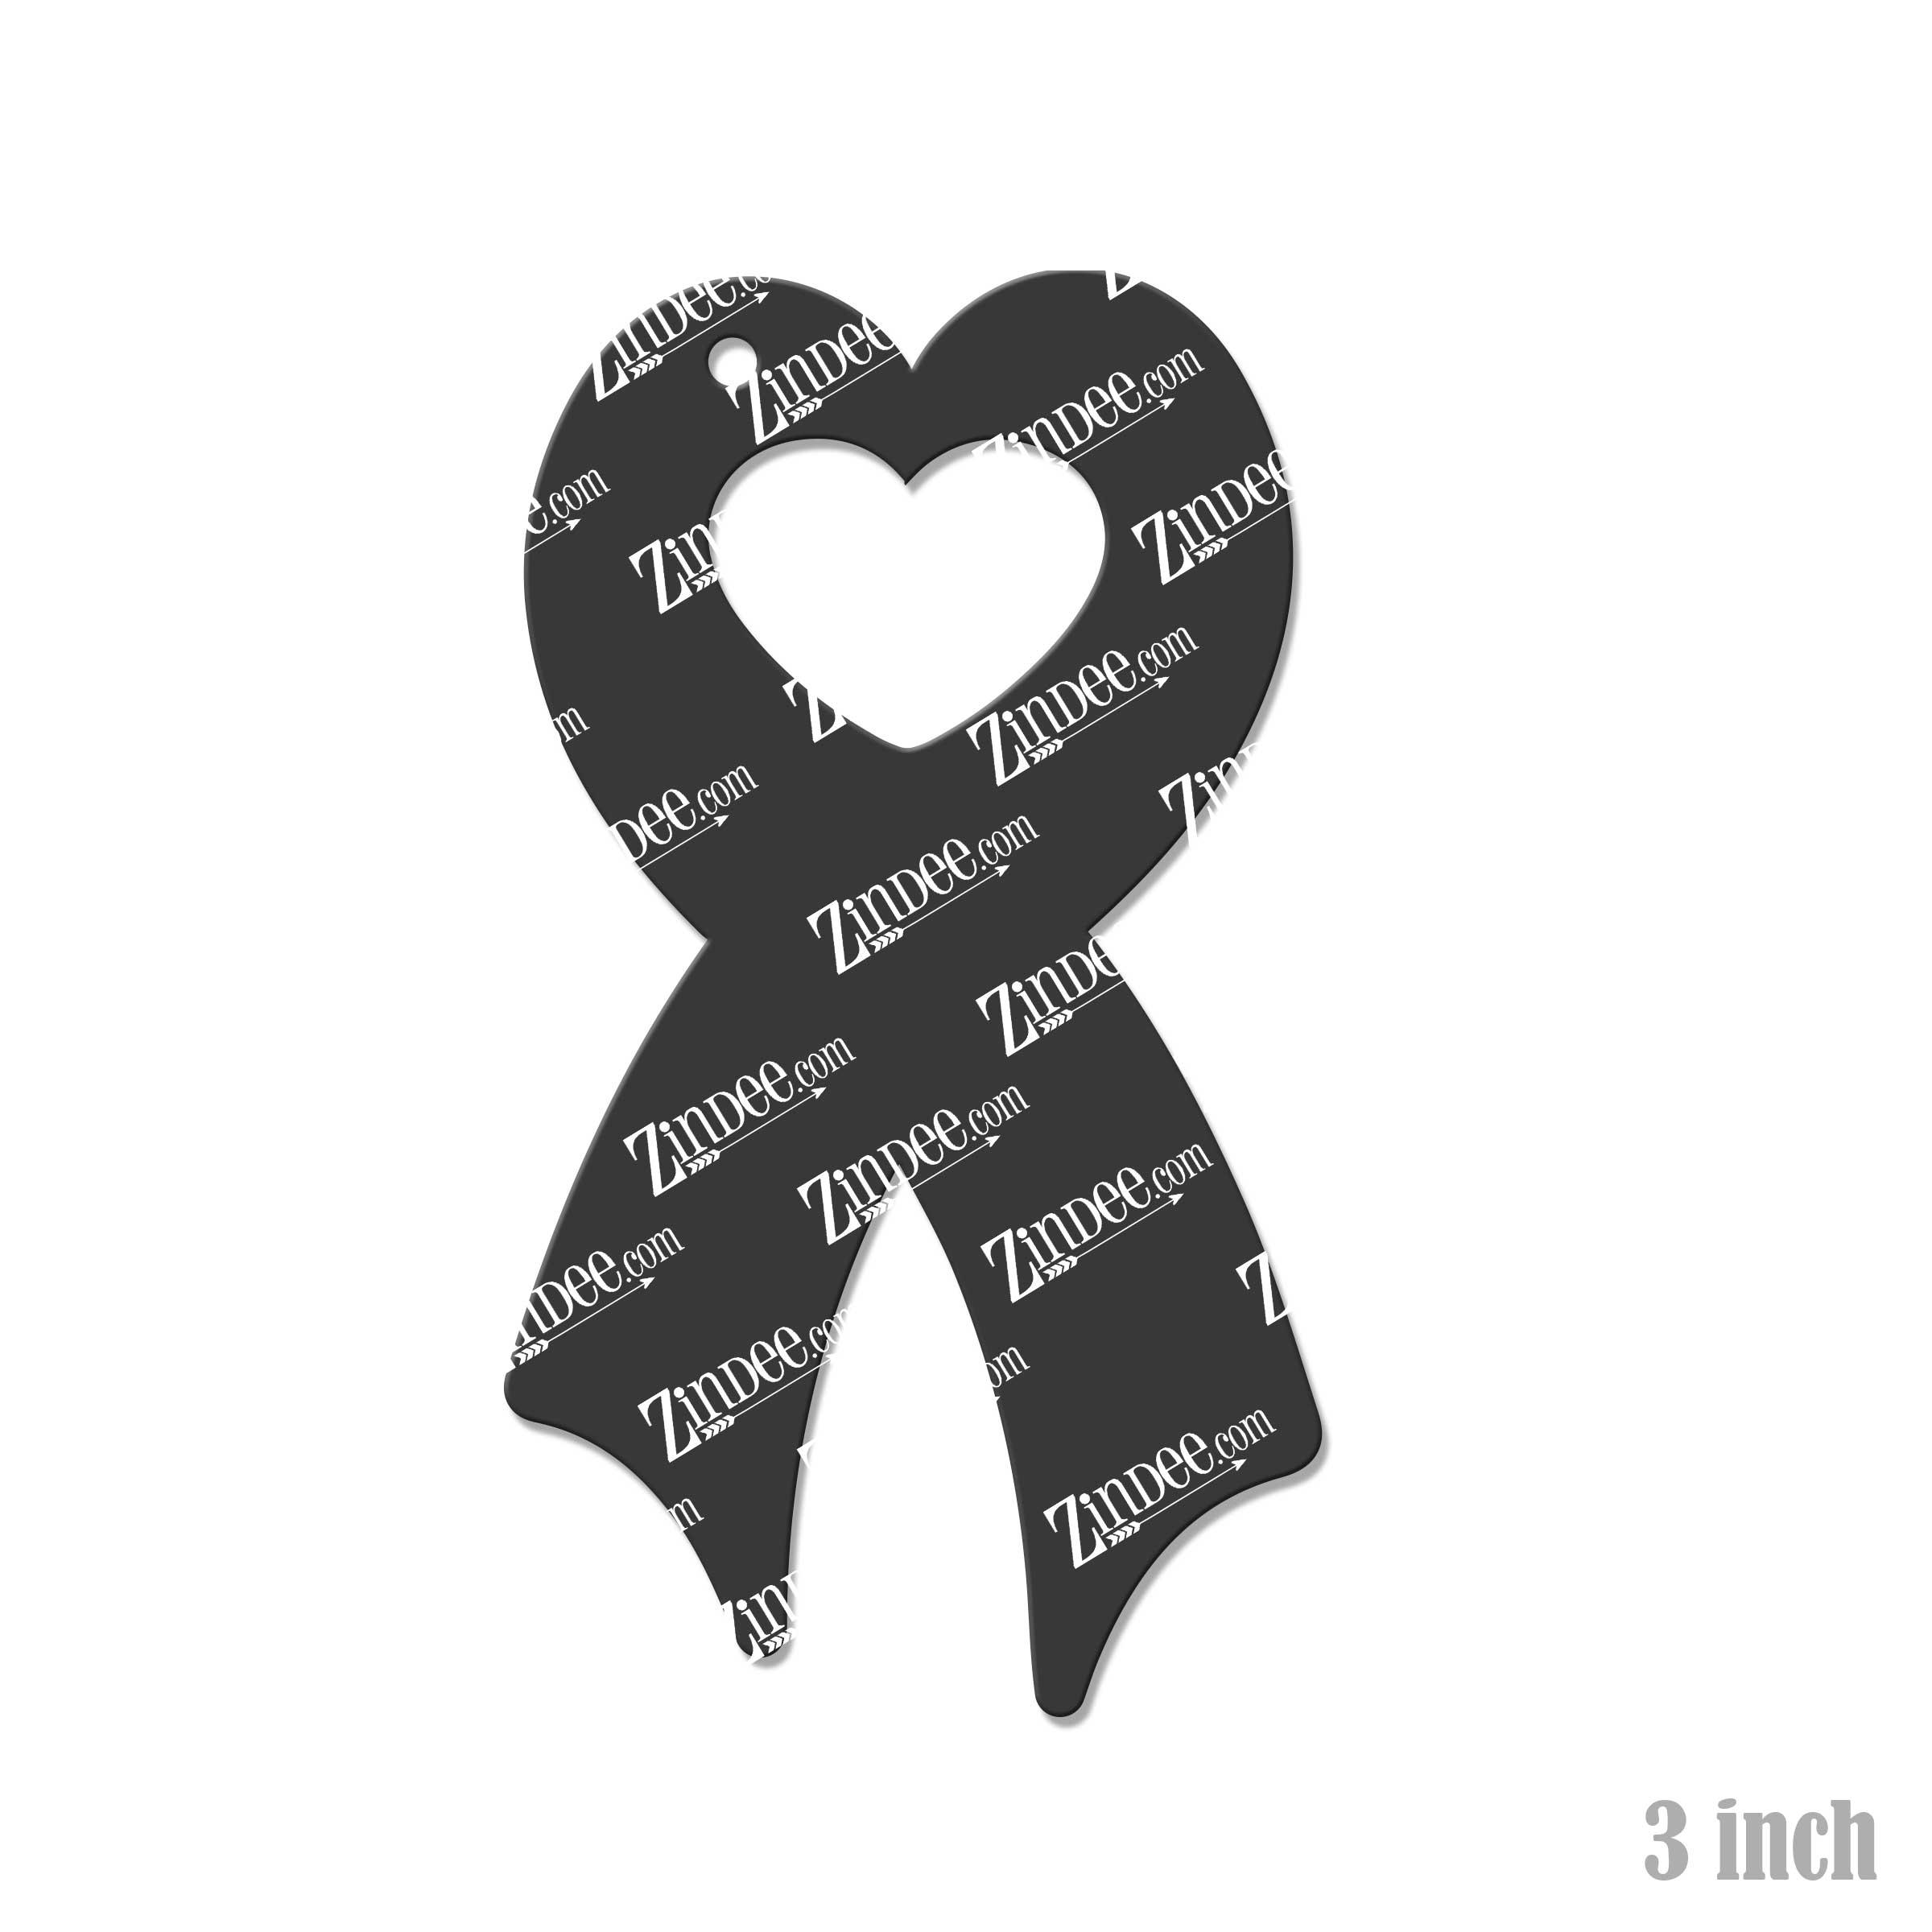 Awareness Heart • Zindee.com